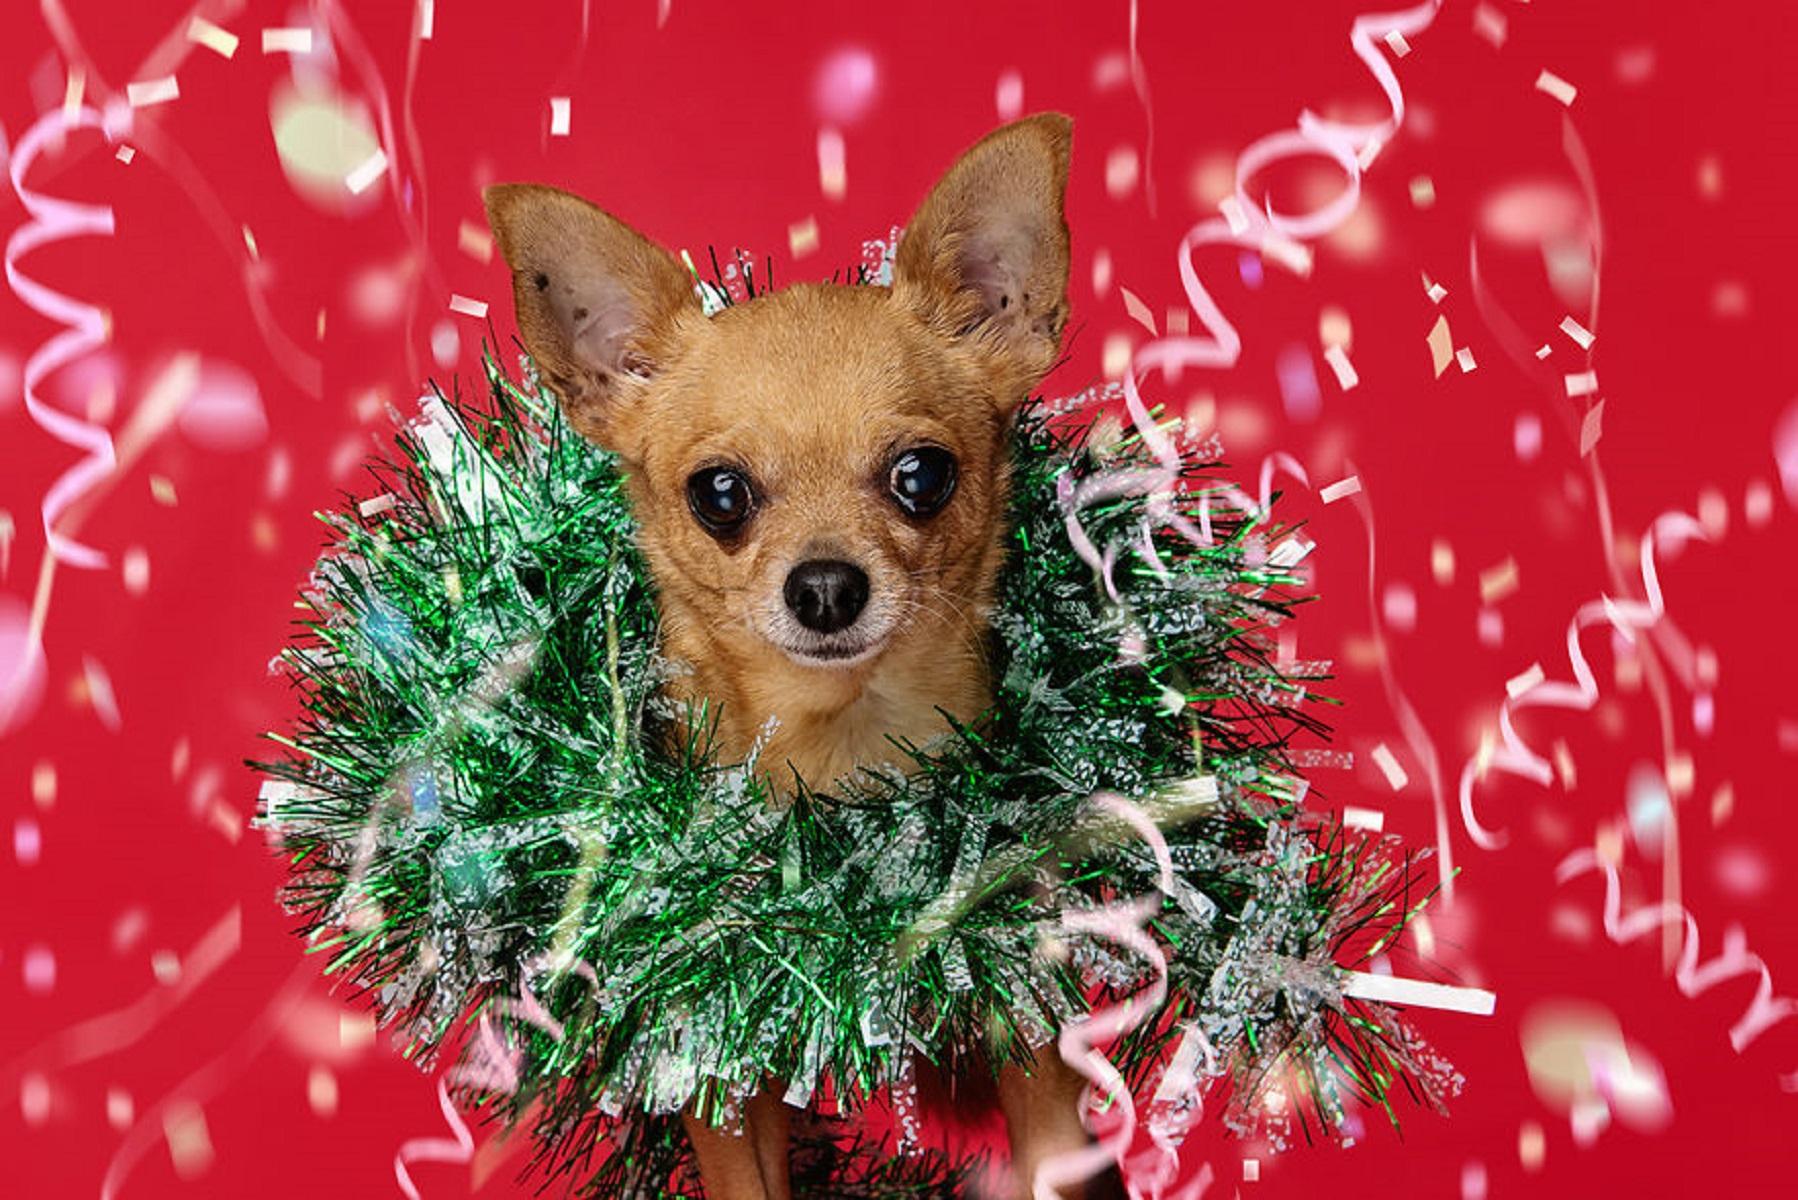 12 caes do Natal essa sessao de fotos natalinas vai te ajudar a entrar no espirito natalino 5